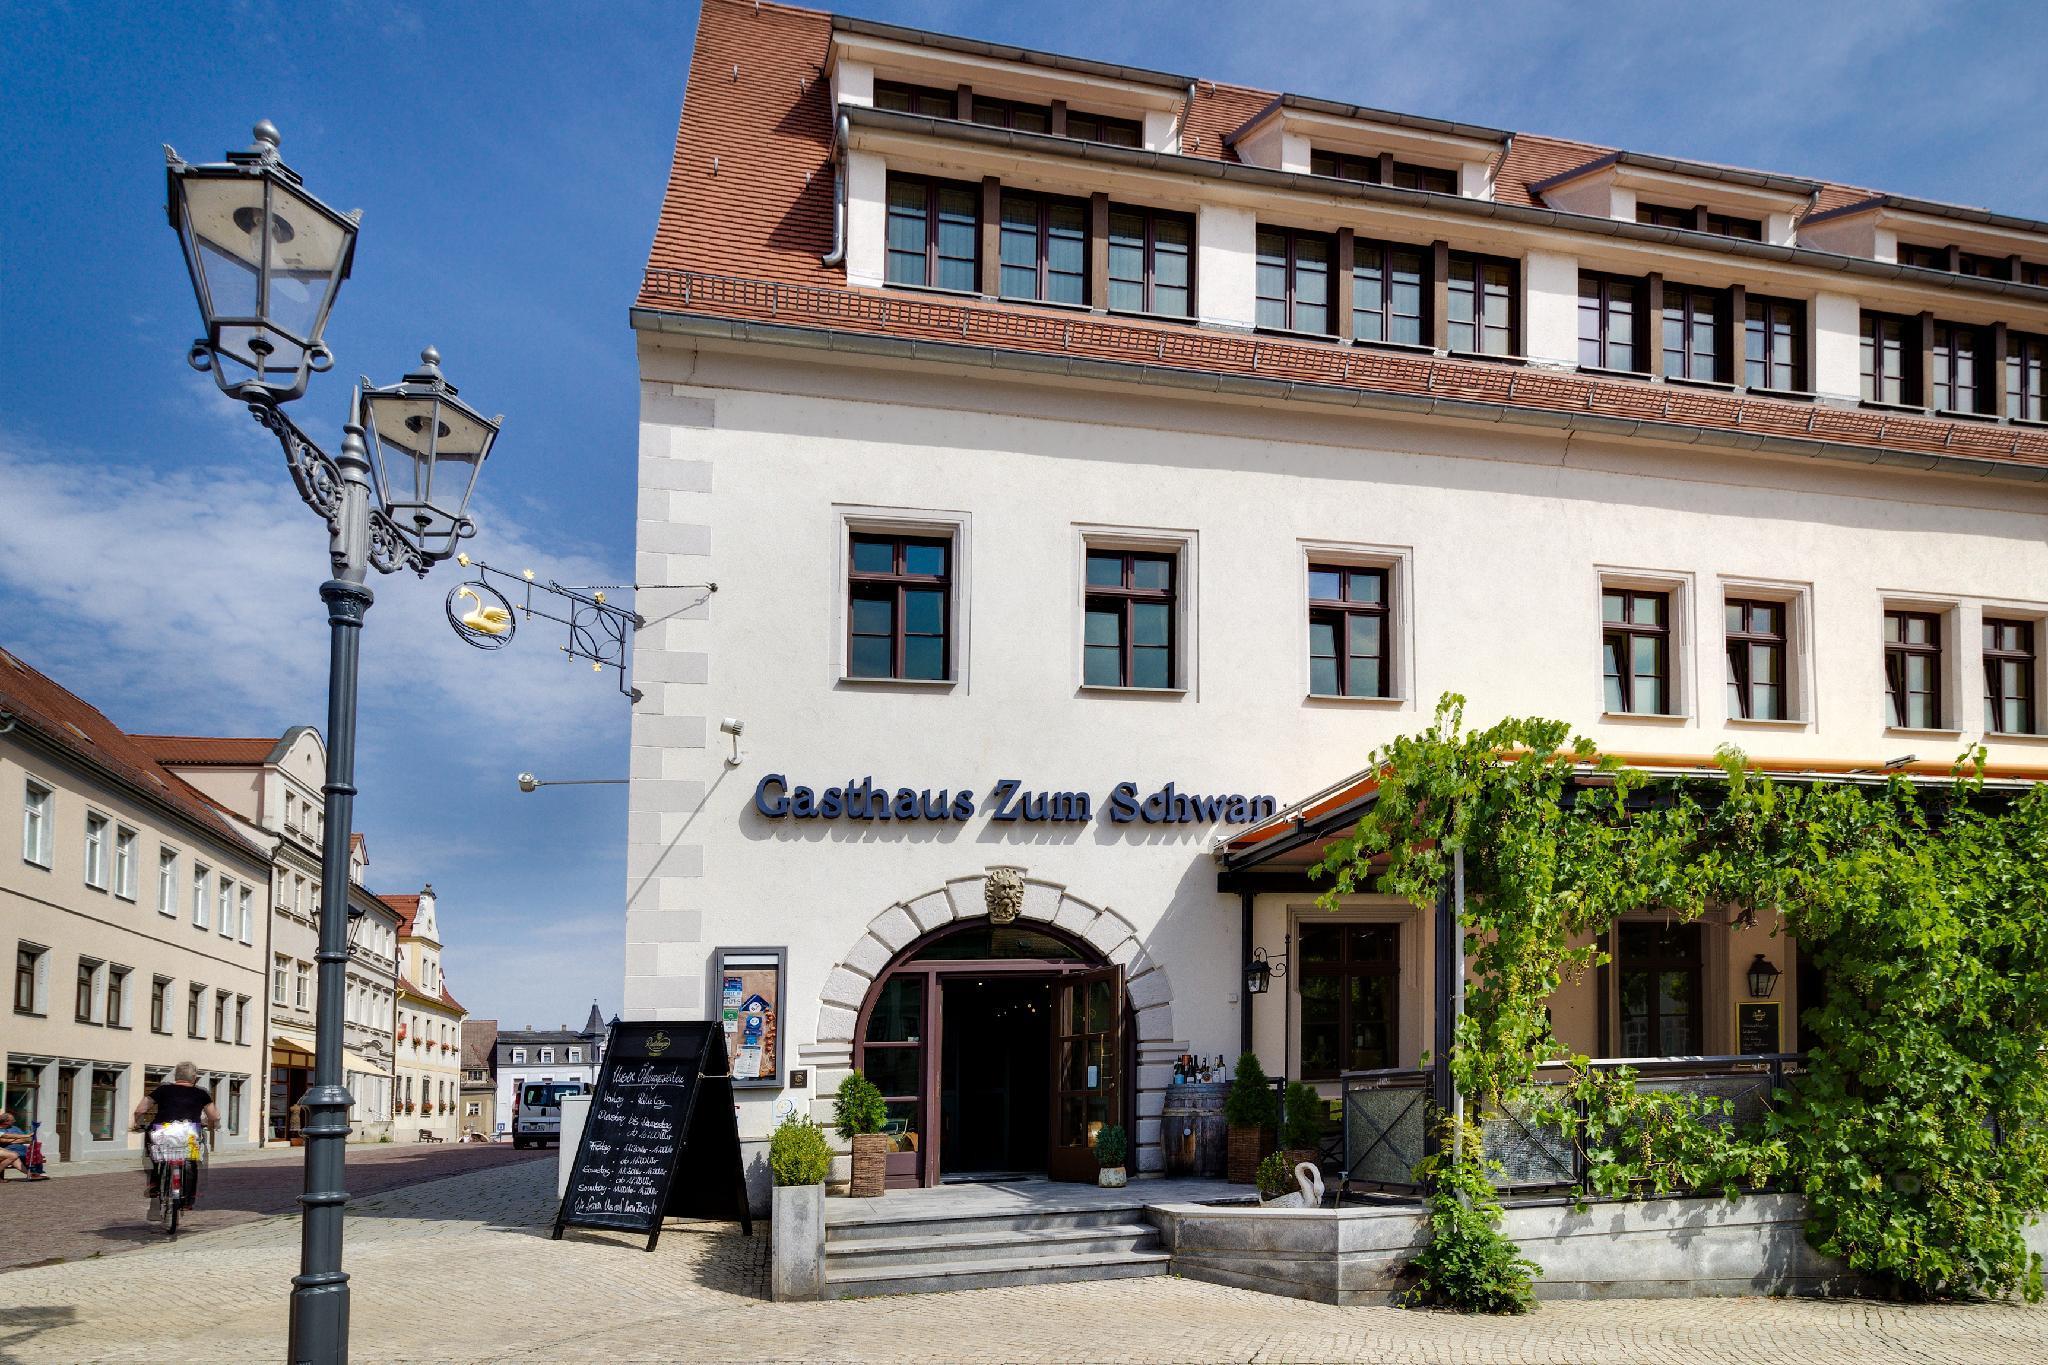 Hotel Gasthaus Zum Schwan